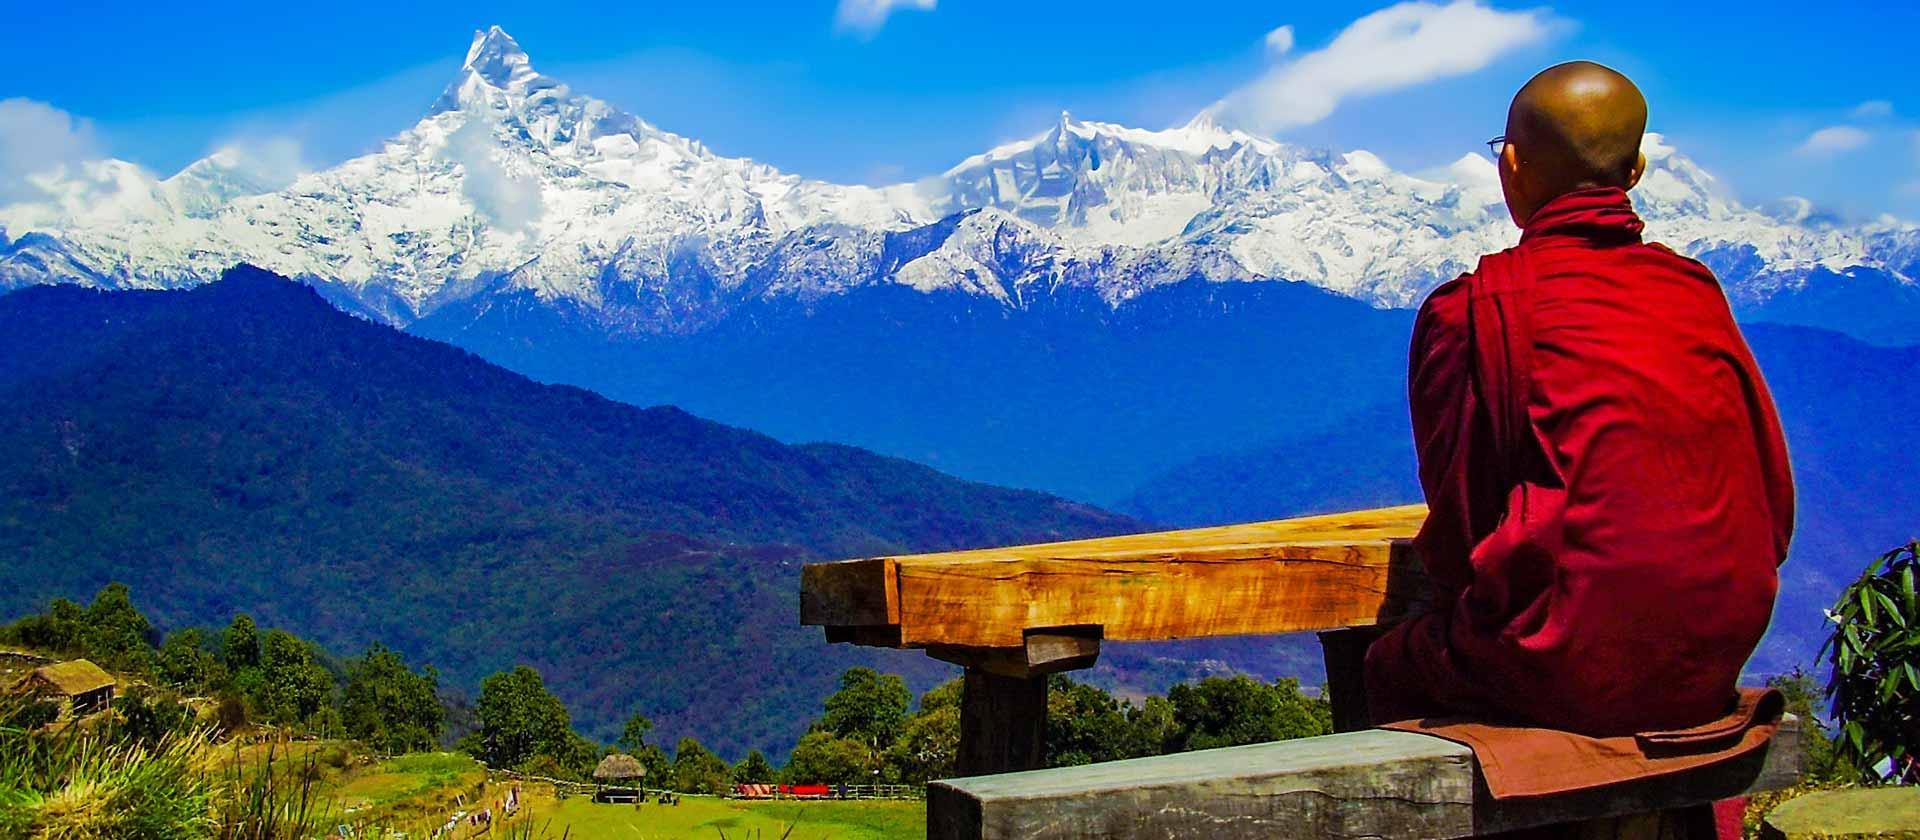 Conheça o Trekking no Annapurna